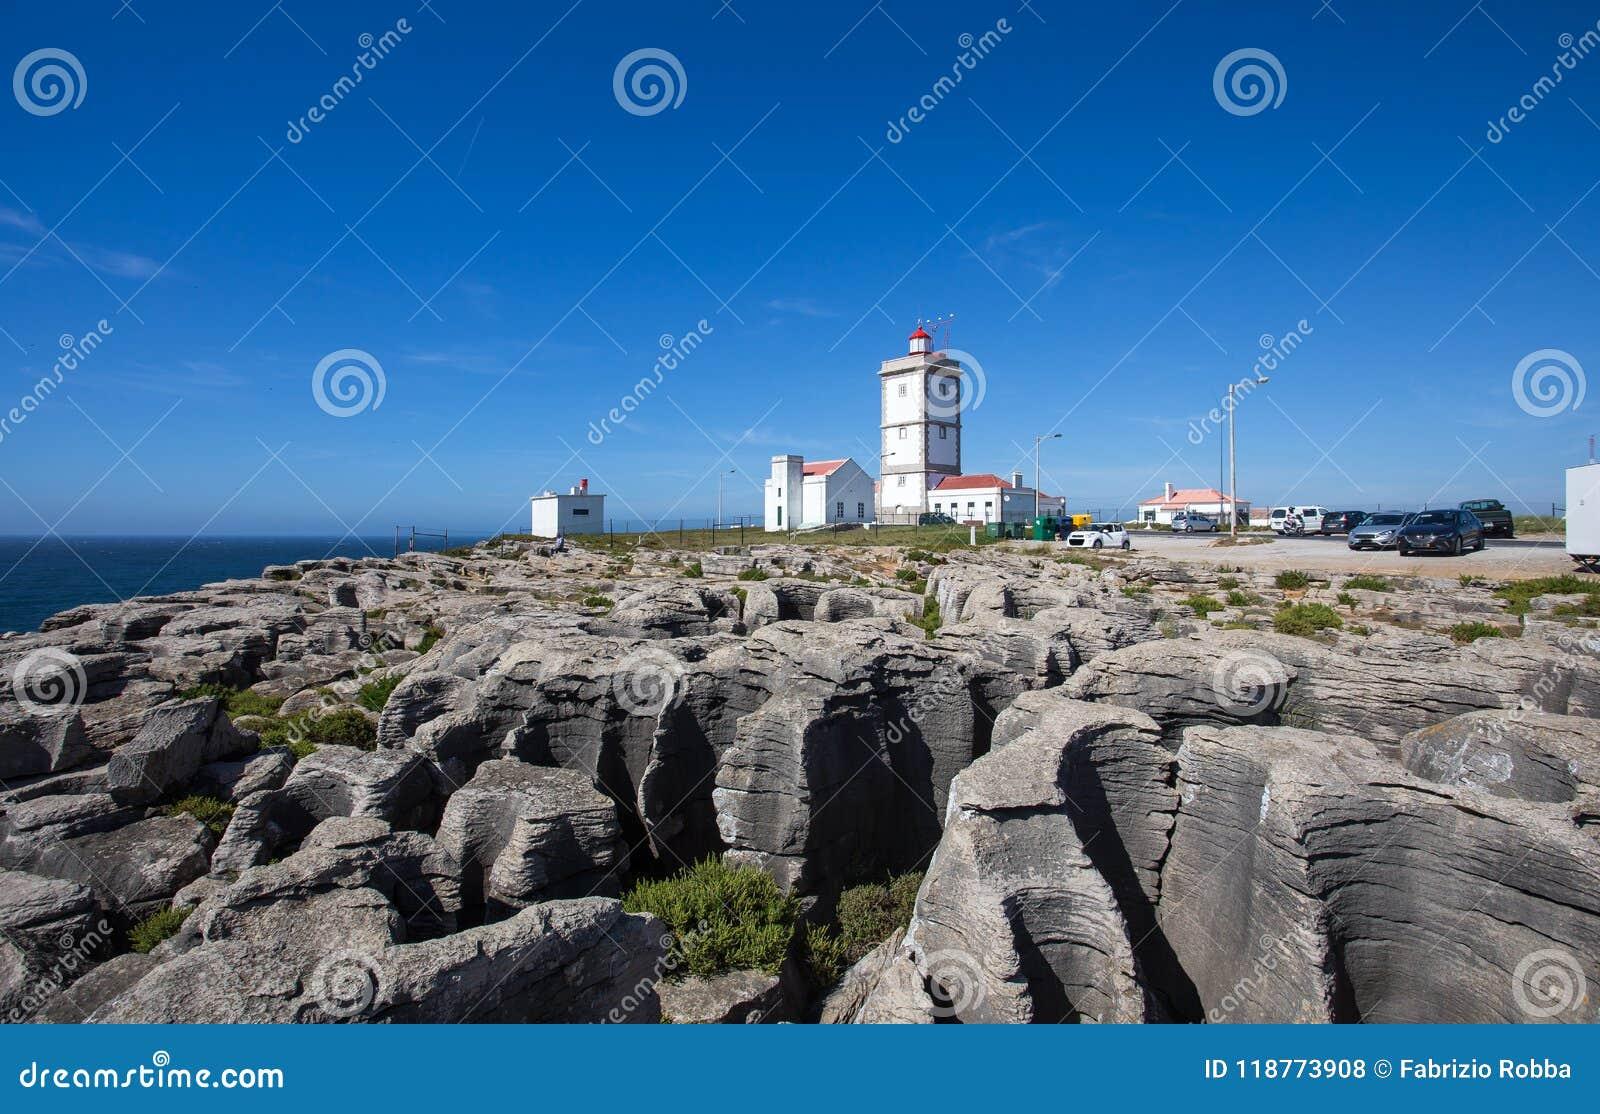 Schaukeln Sie Ansichthintergrund mit dem Leuchtturm des Kaps Carvoeiro, Peniche, Portugal